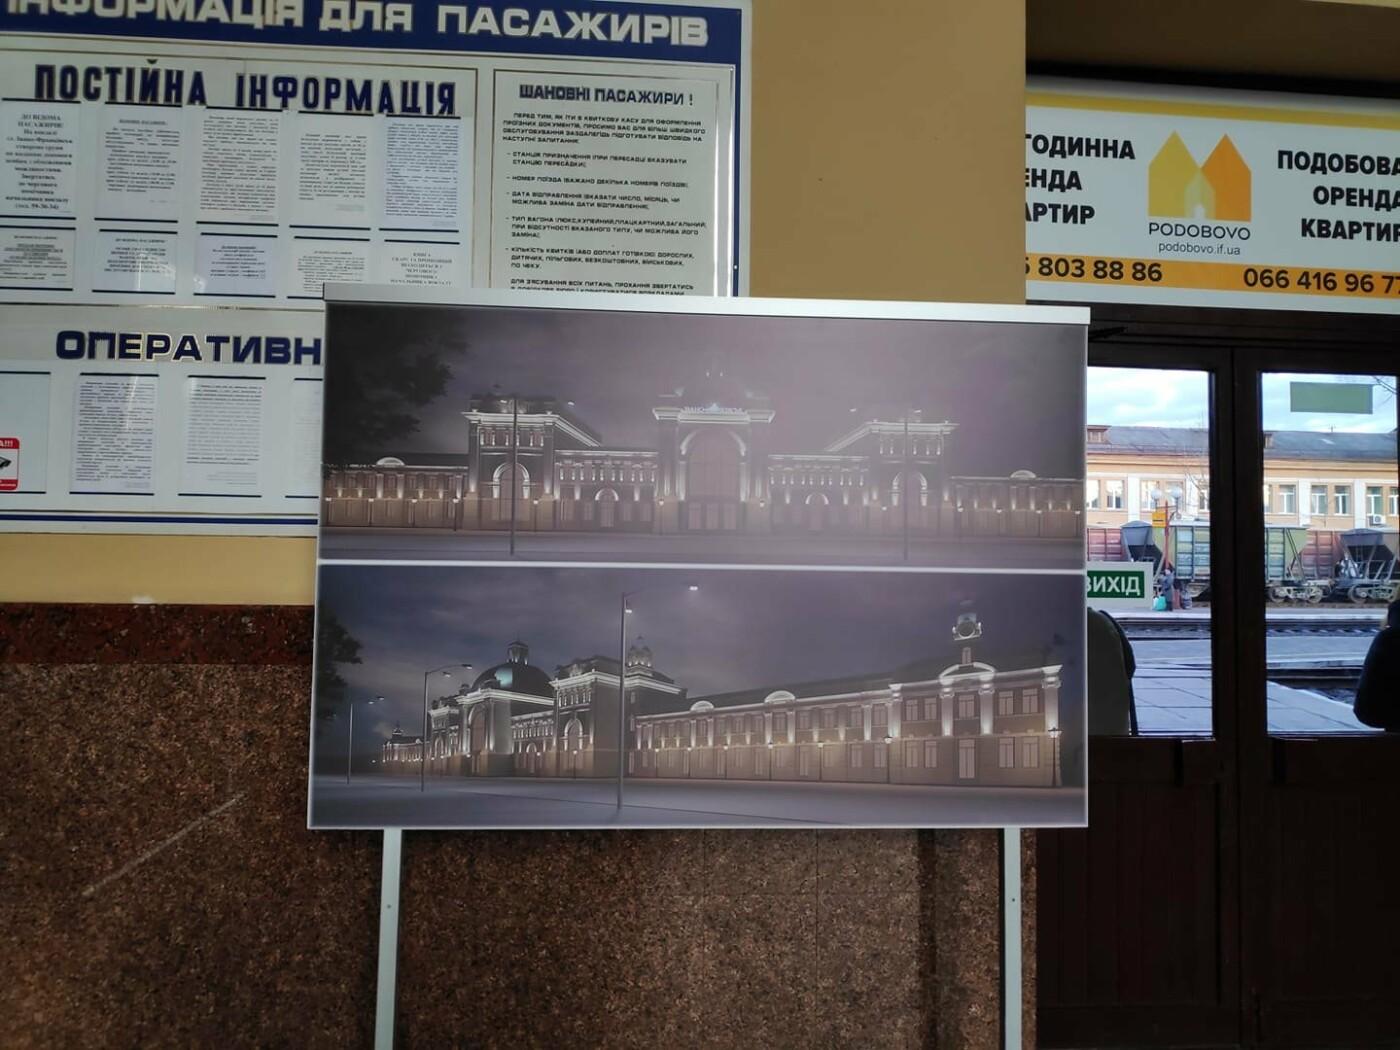 Франківський вокзал отримає вечірню підсвітку (ФОТО), фото-1